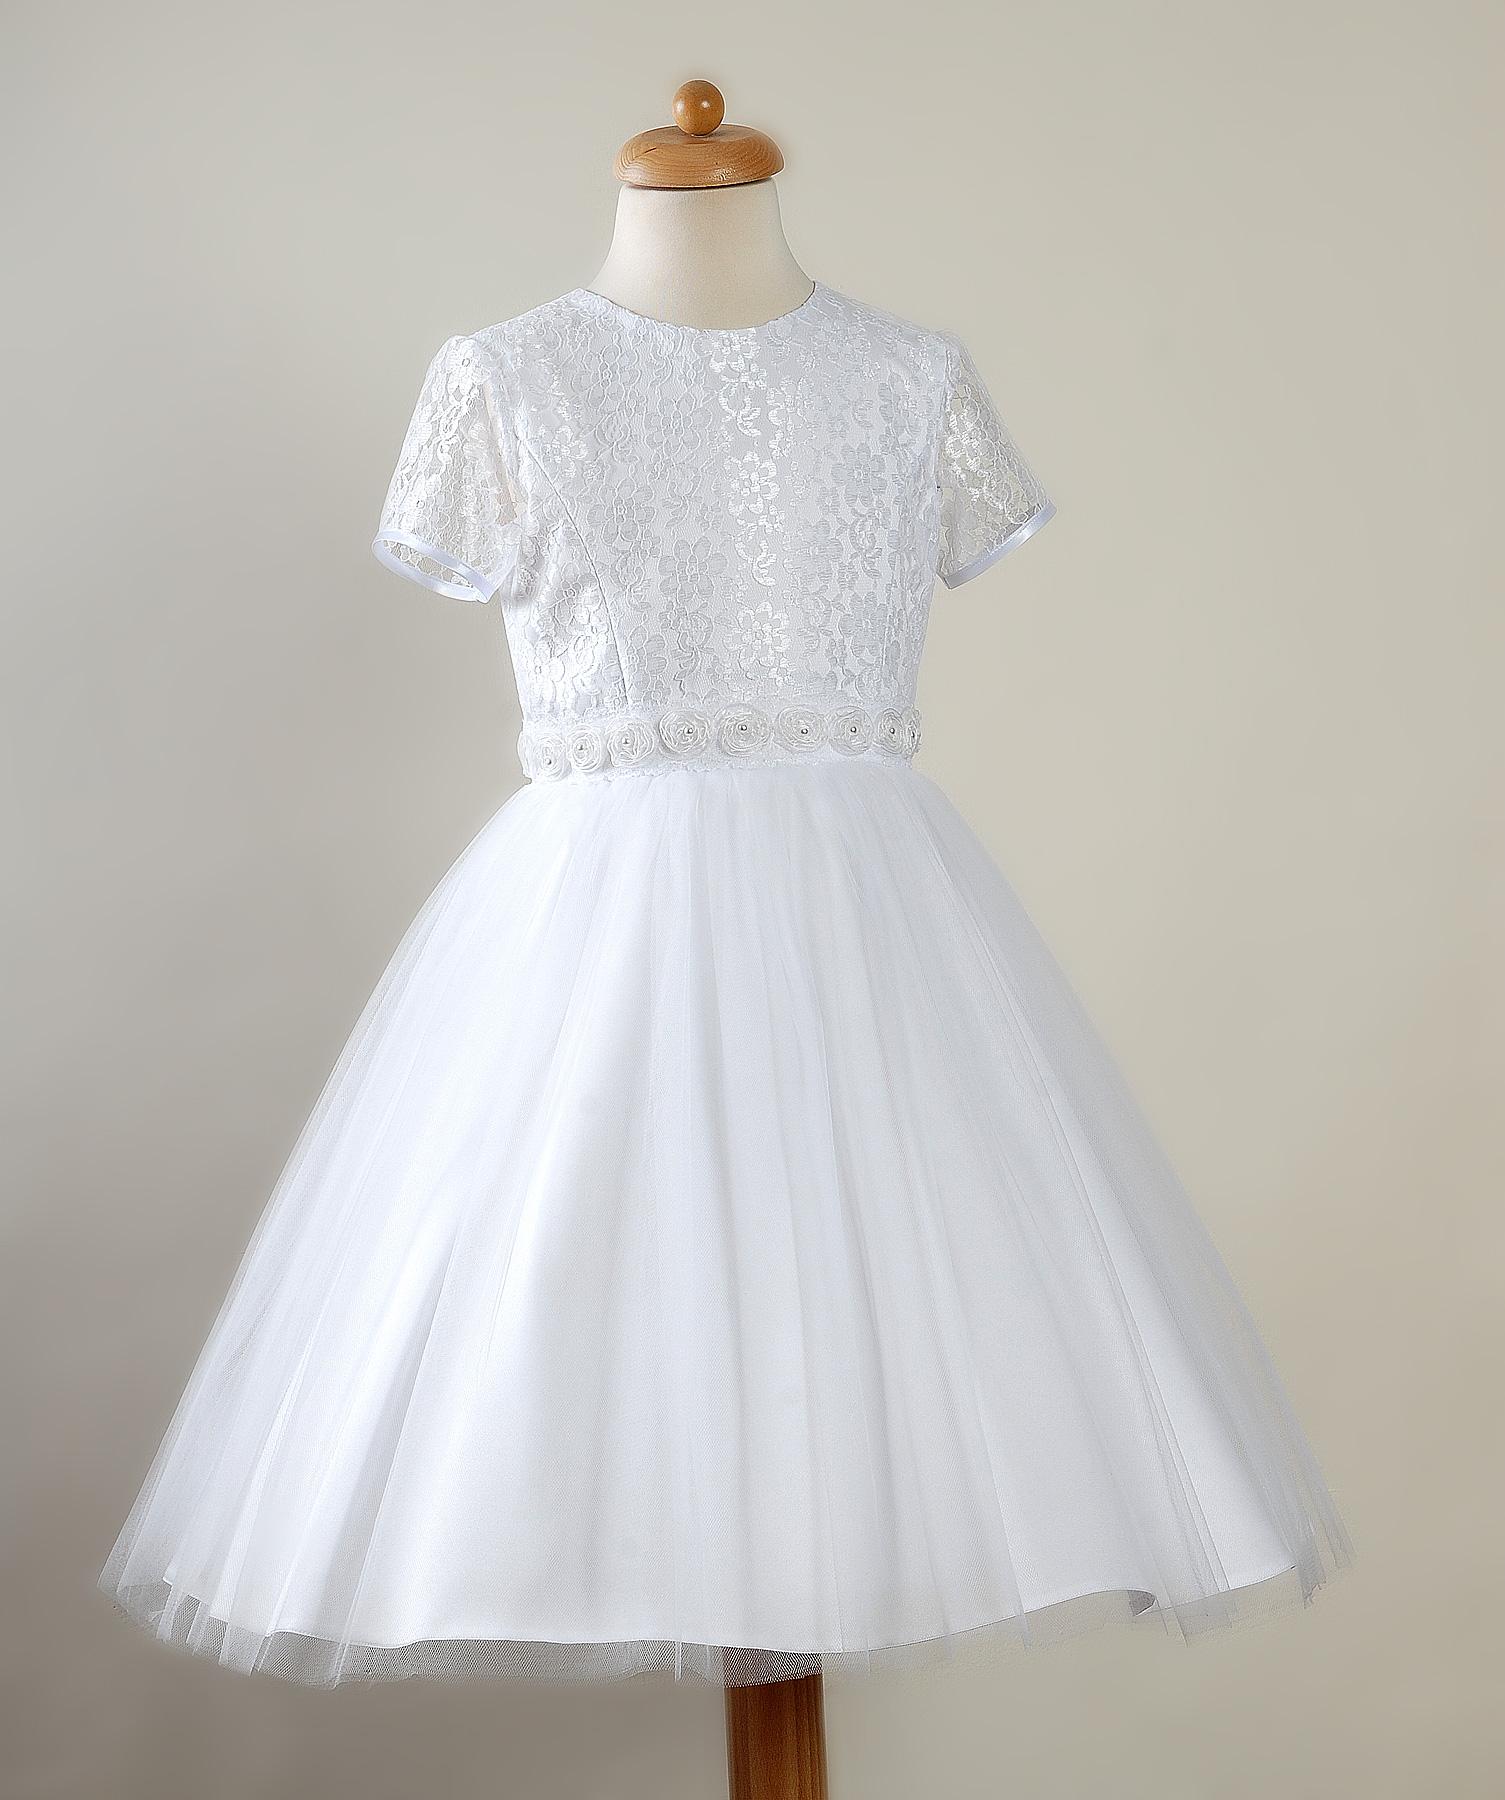 46fc5f4918 Modne sukienki dla dziewczynek na wesele